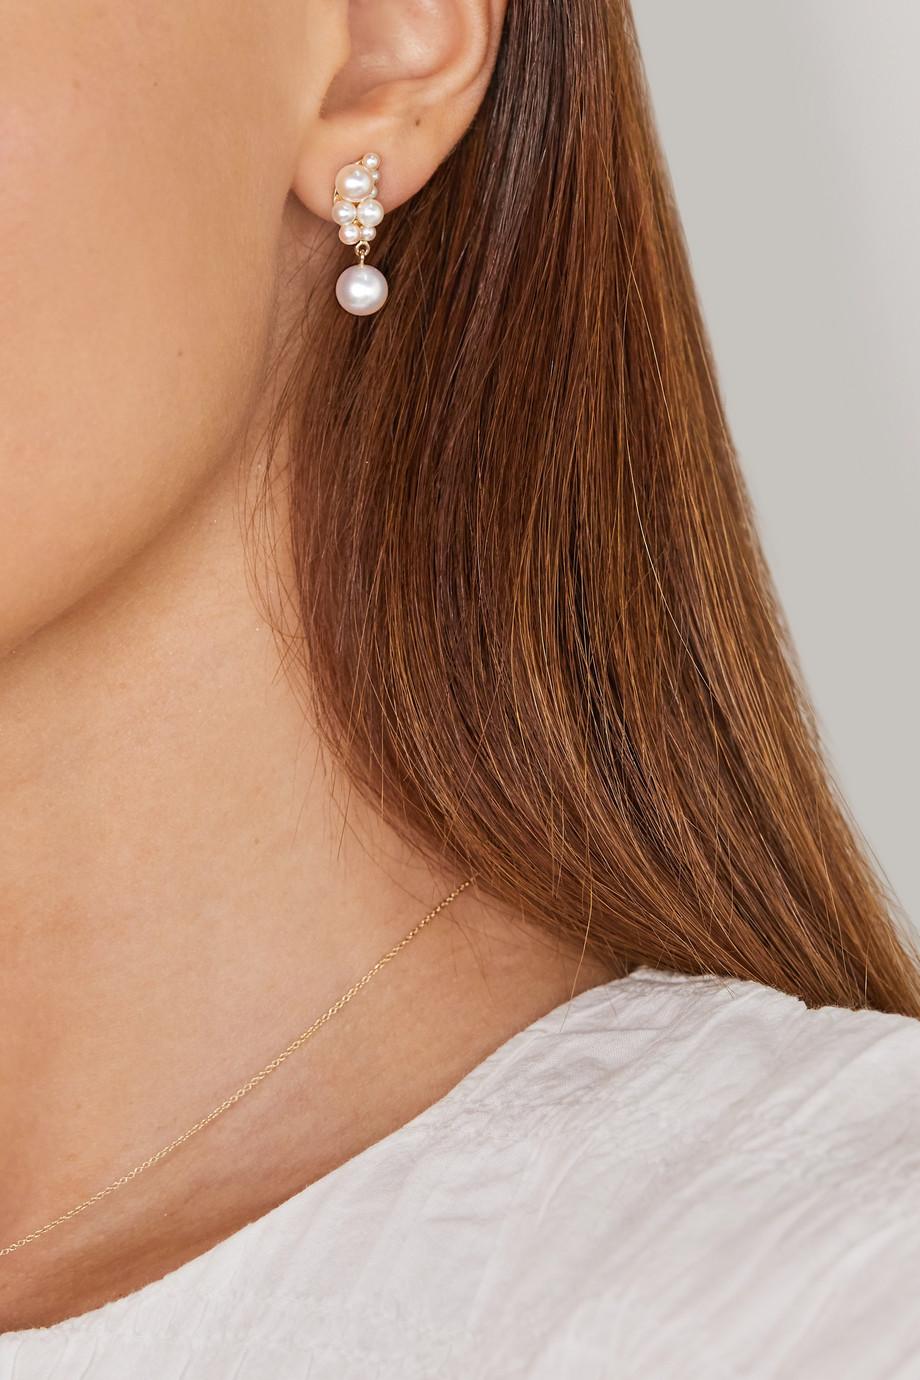 Sophie Bille Brahe Boucle d'oreille en or 14 carats et perles Petite Corail